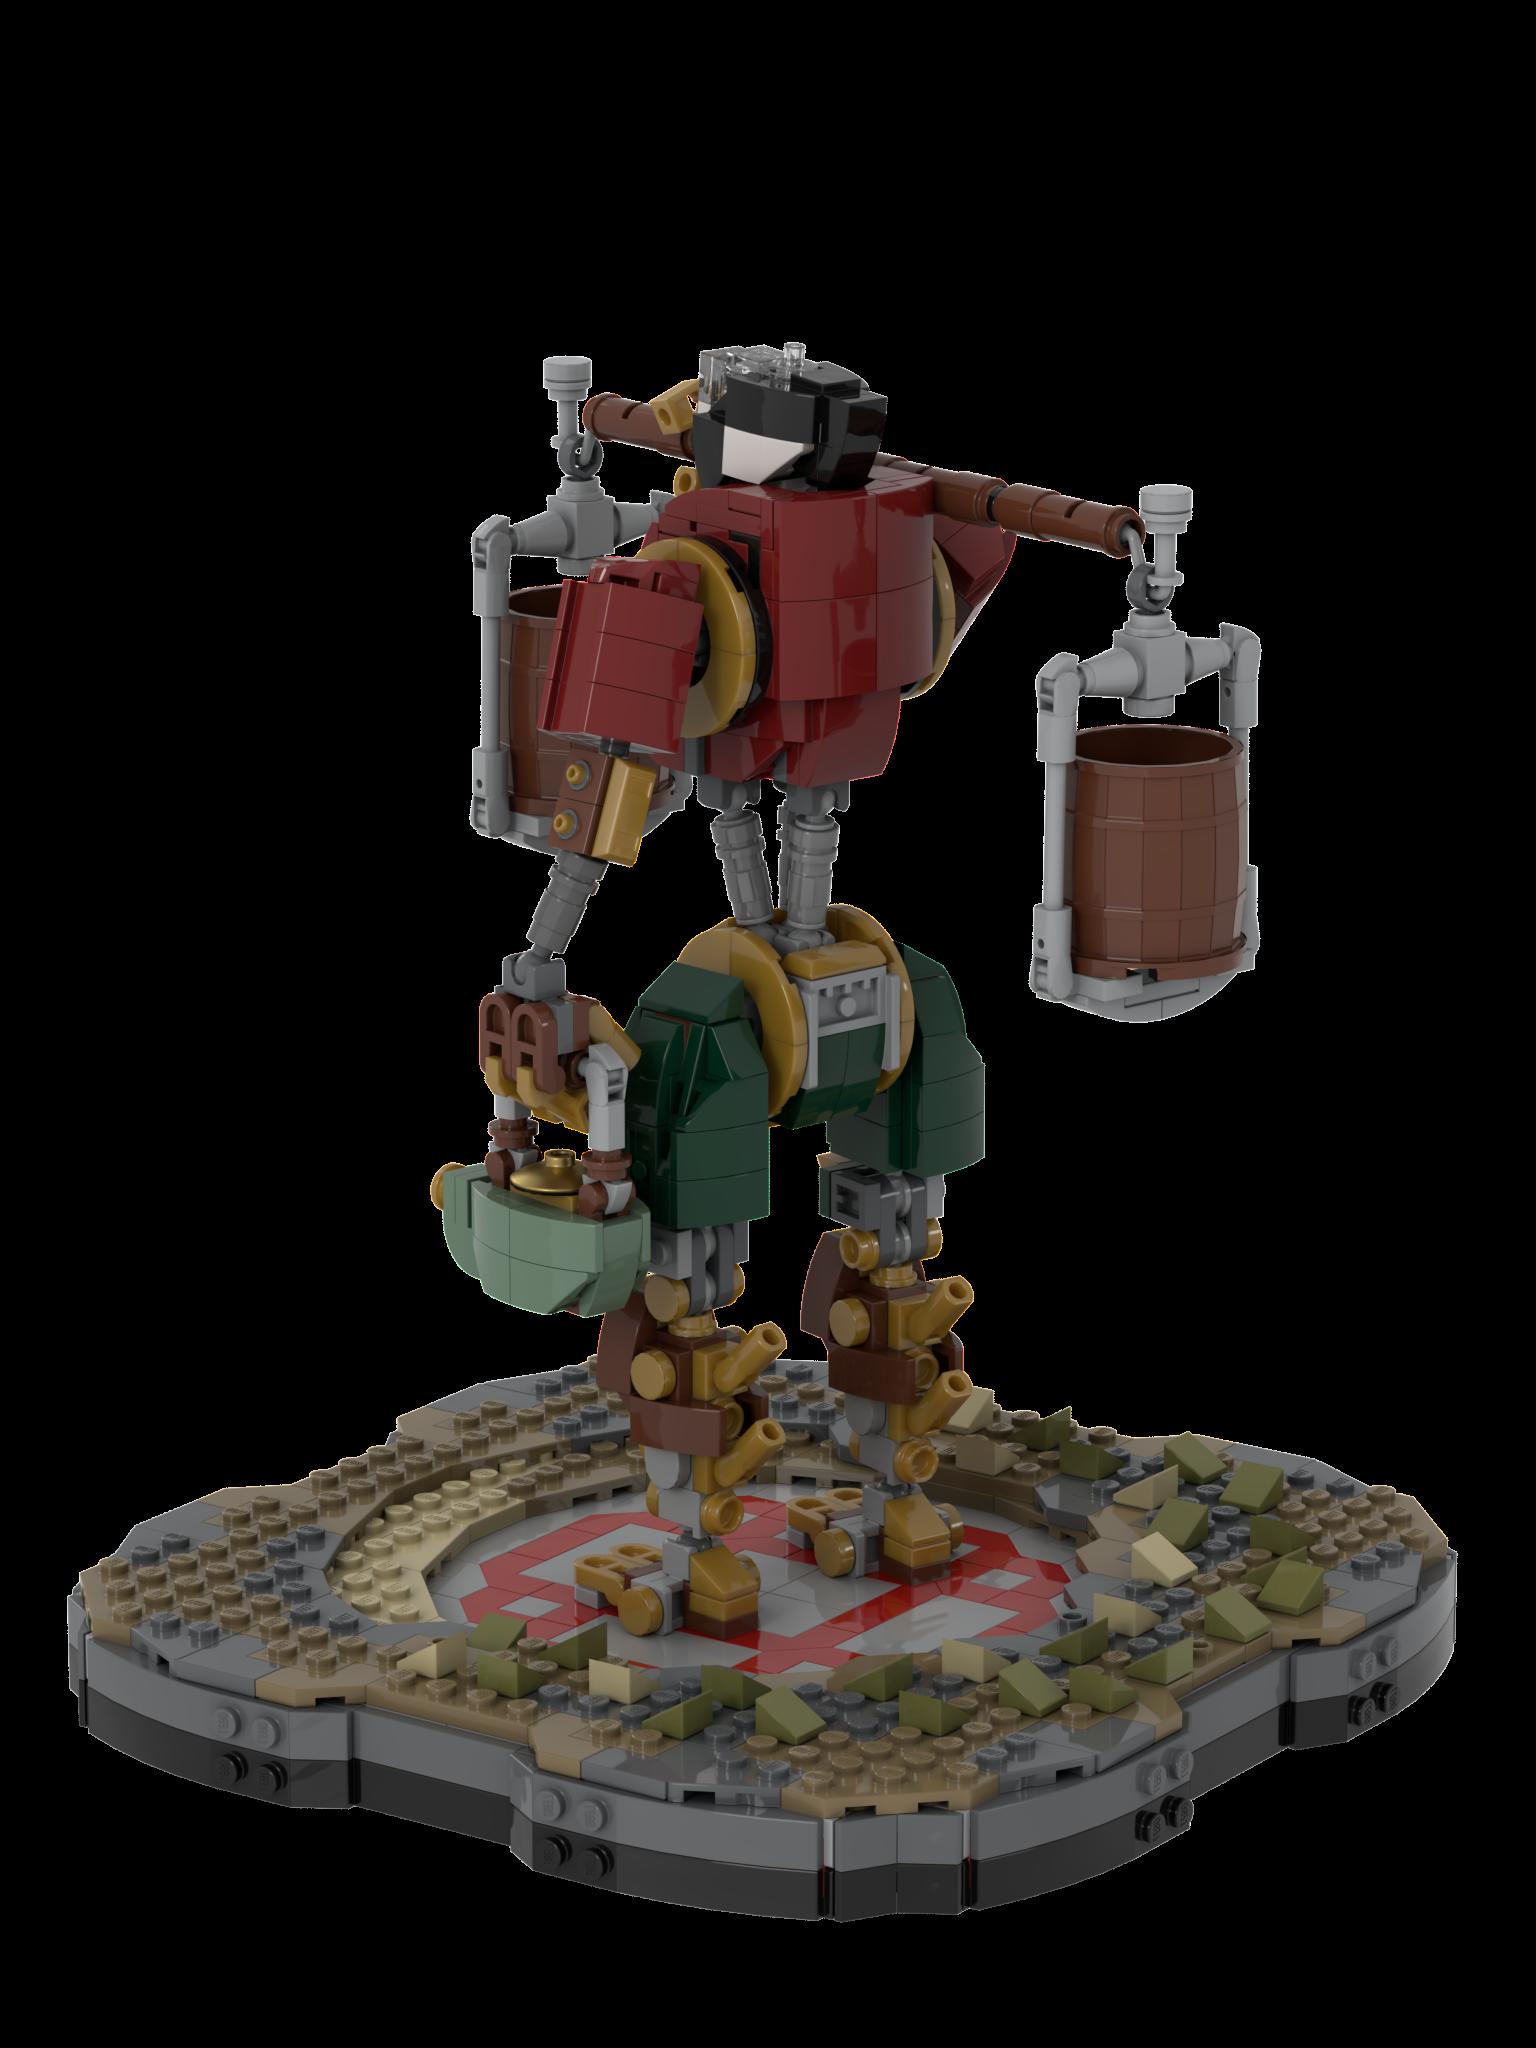 лего фермер робот